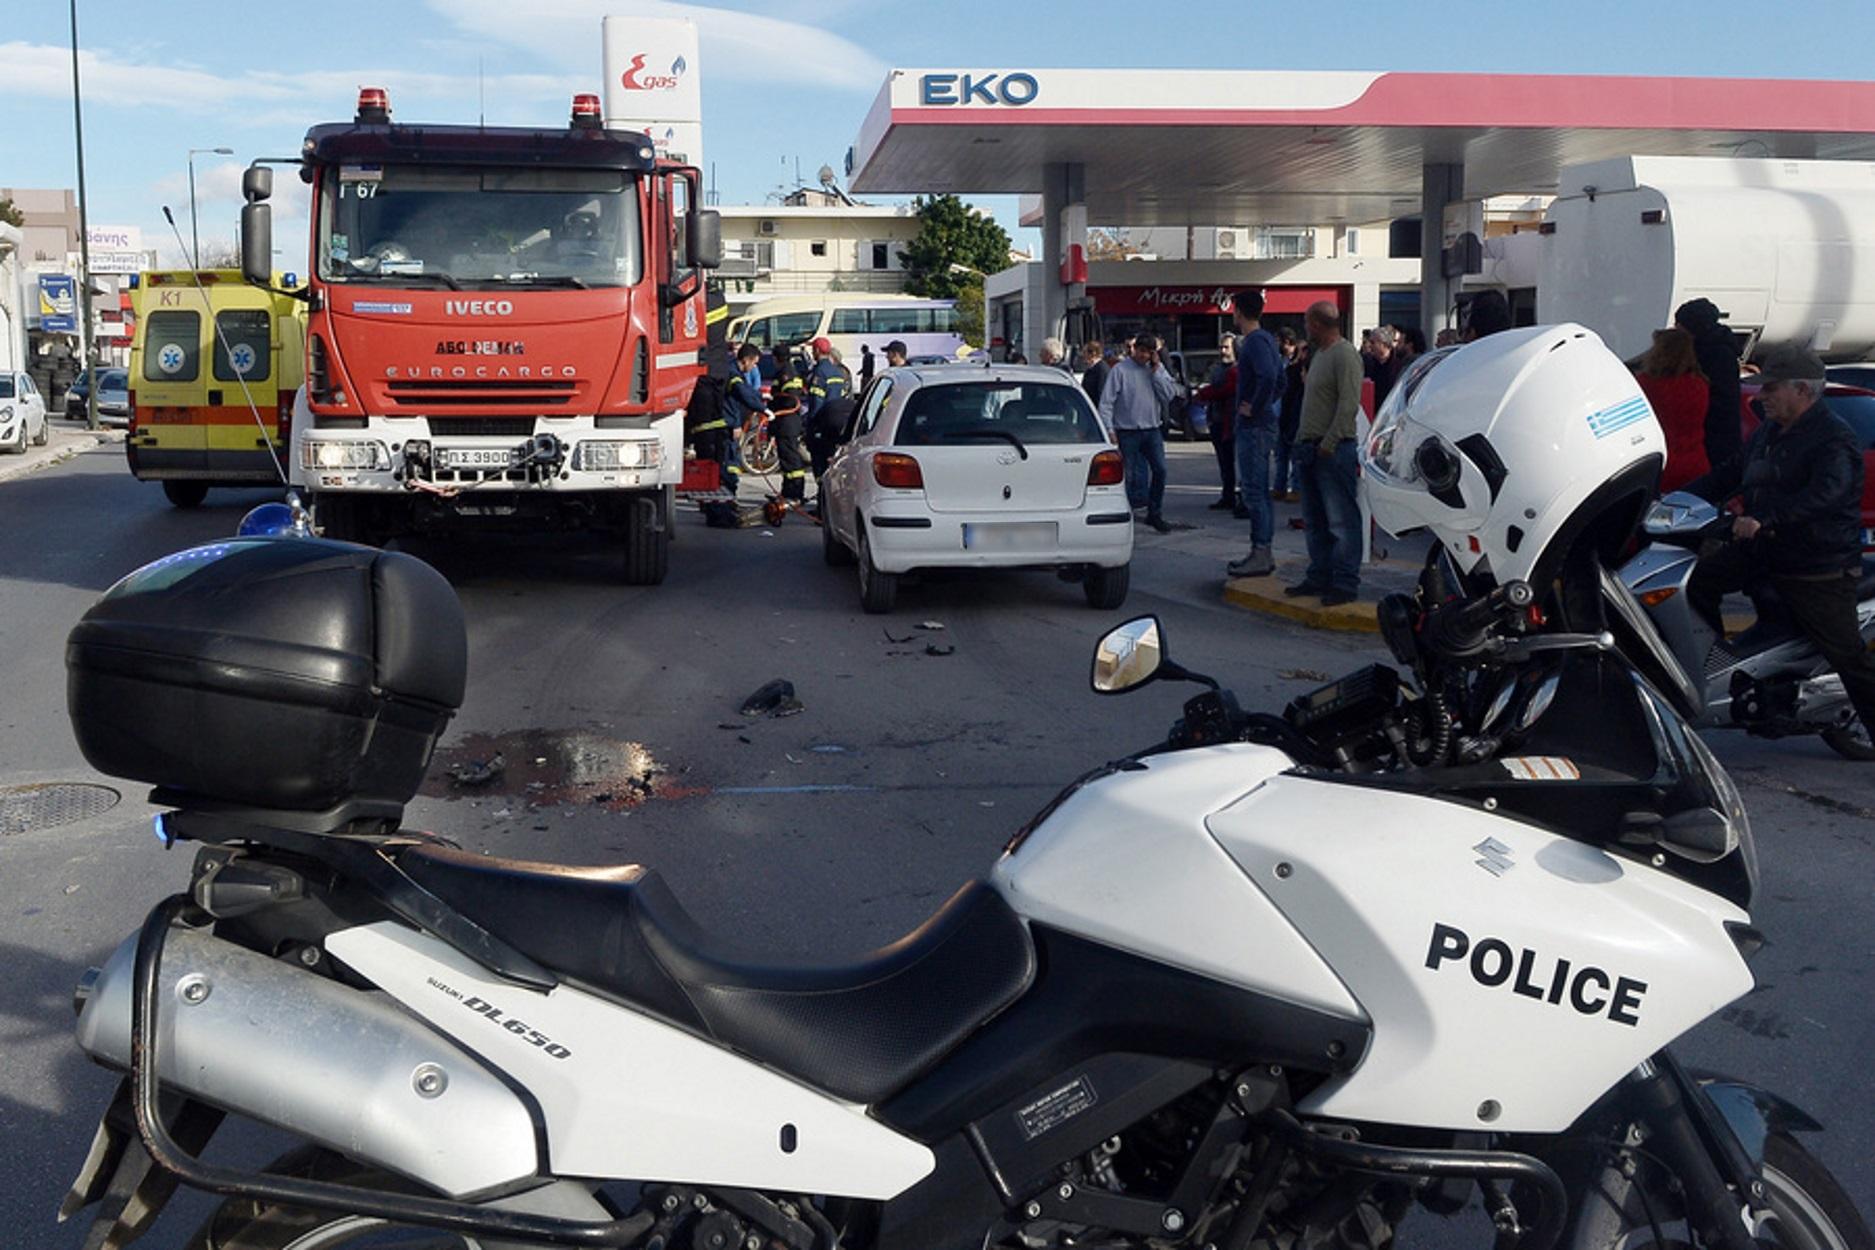 Ανατριχιαστικό τροχαίο για νεαρό μοτοσικλετιστή - Νοσηλεύεται διασωληνωμένος!